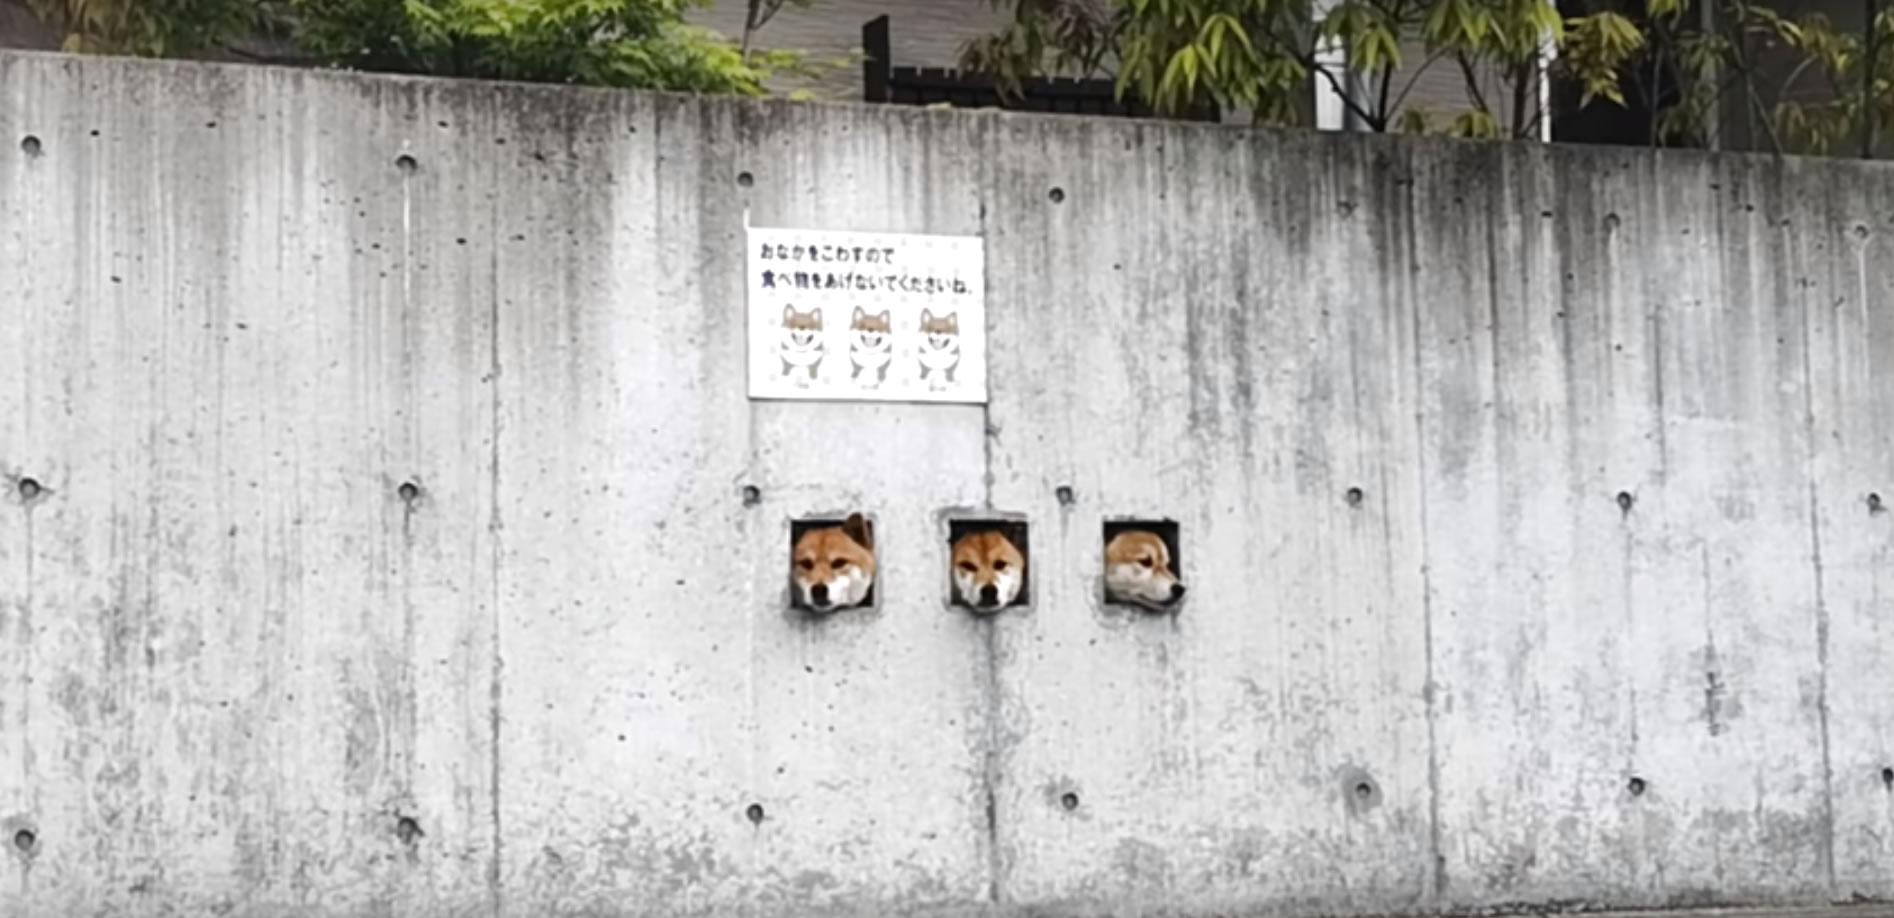 &nbspTrês cães adoráveis com suas cabeças em buracos de muro chamam atenção